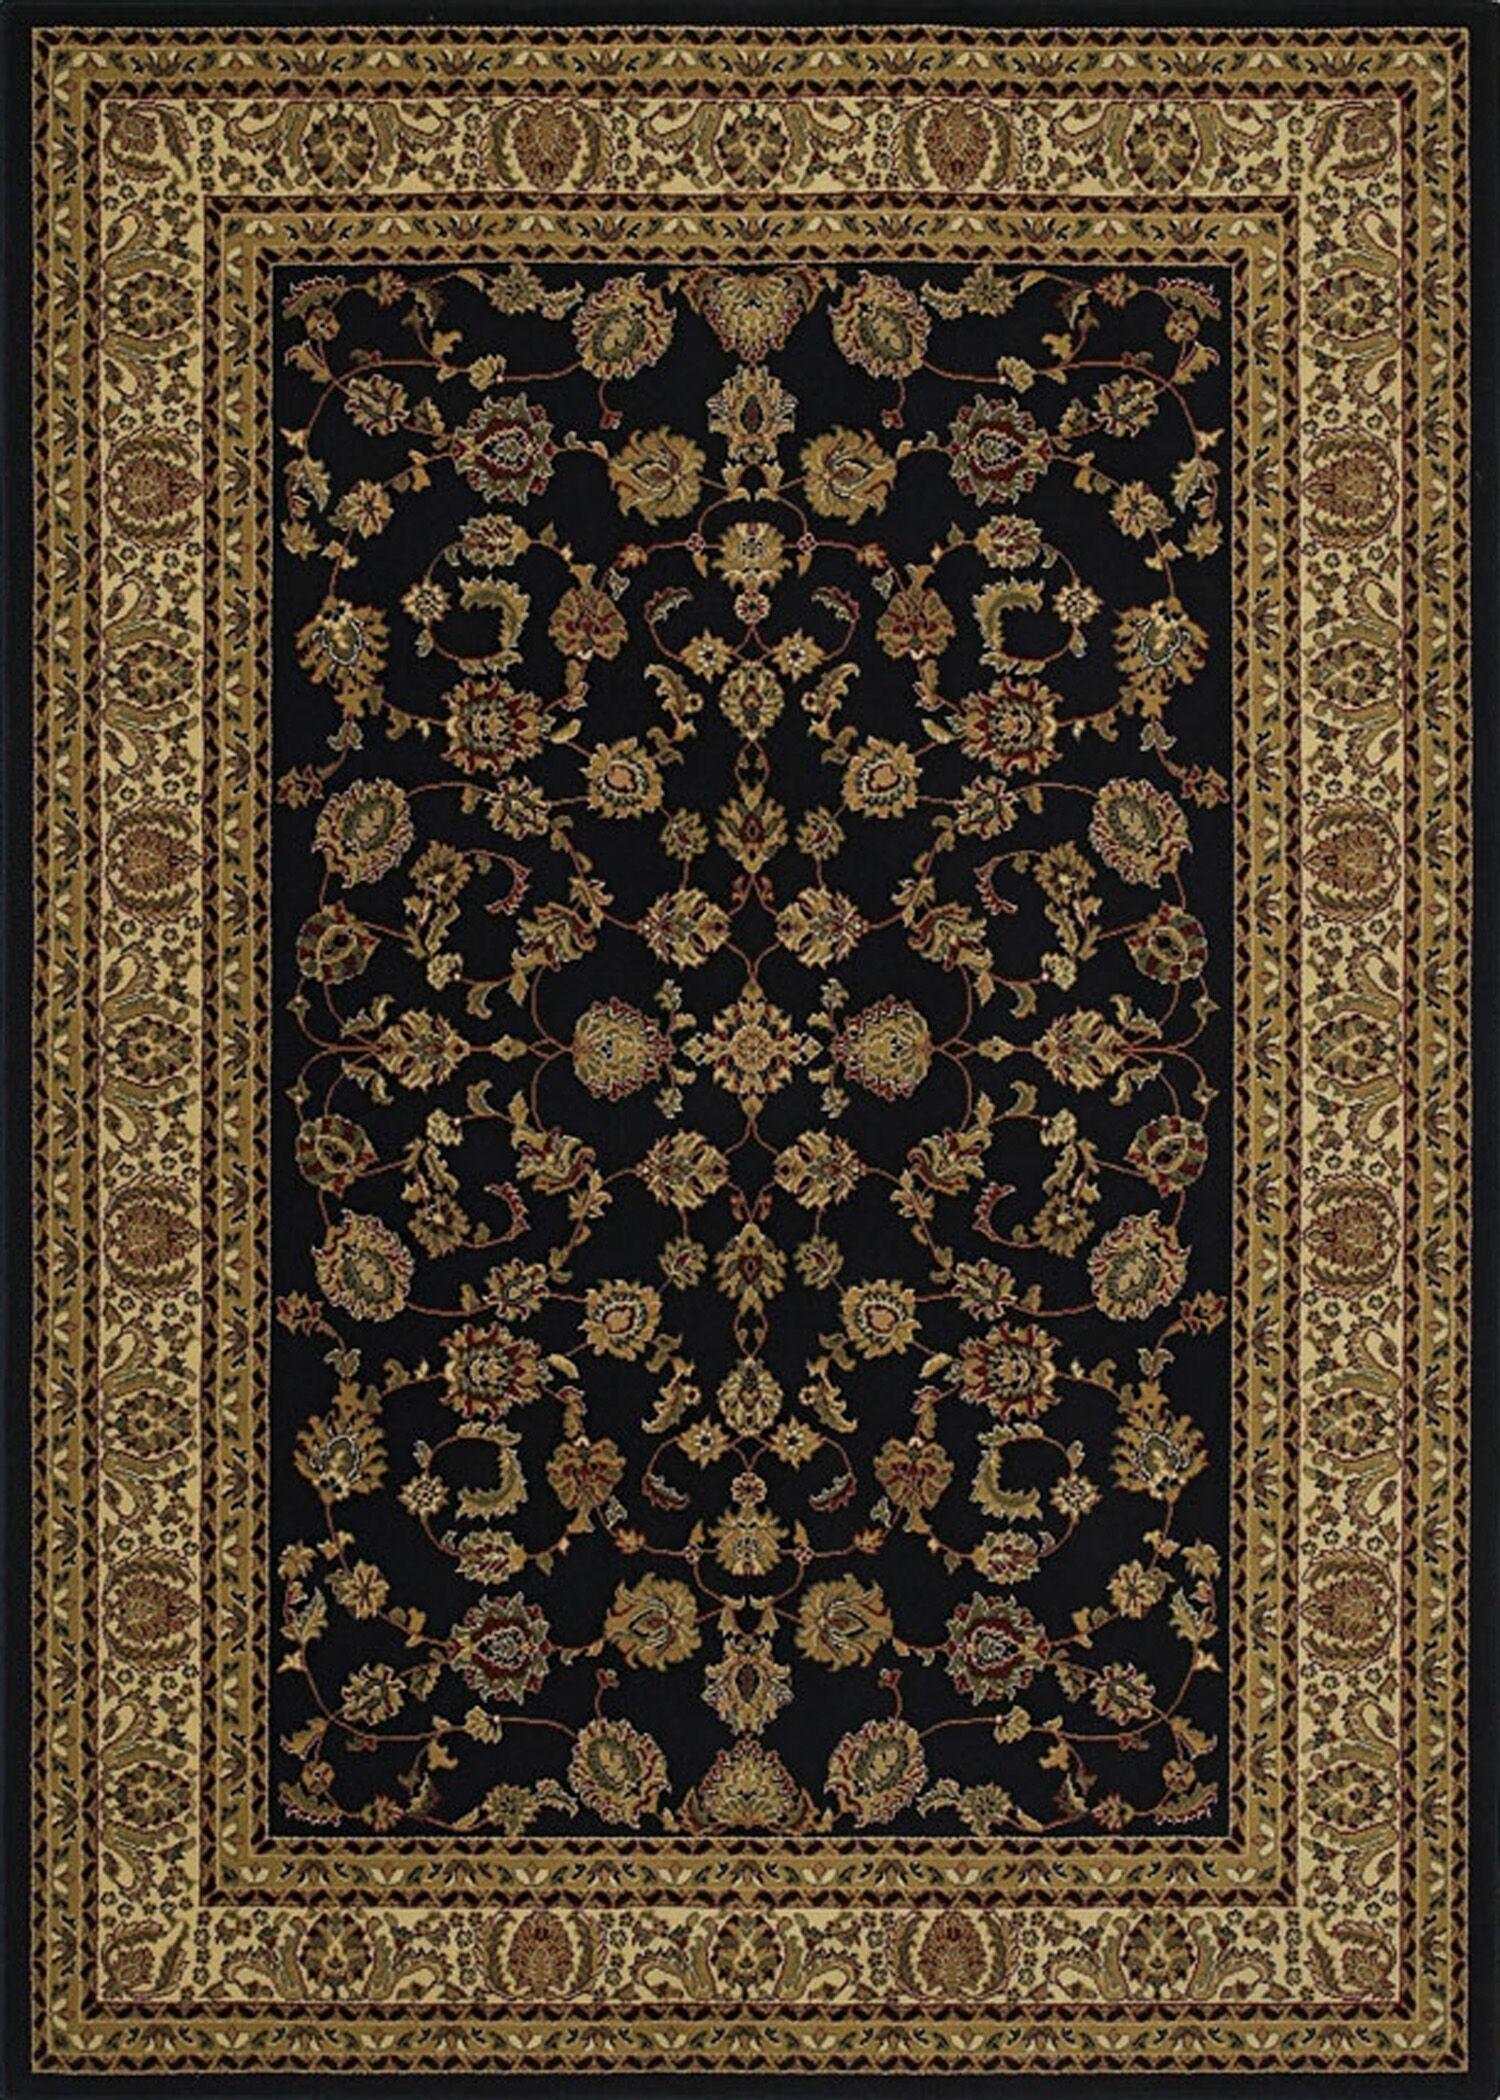 Heritage Elegant Keshan Ebony Area Rug Rug Size: Rectangle 10'6